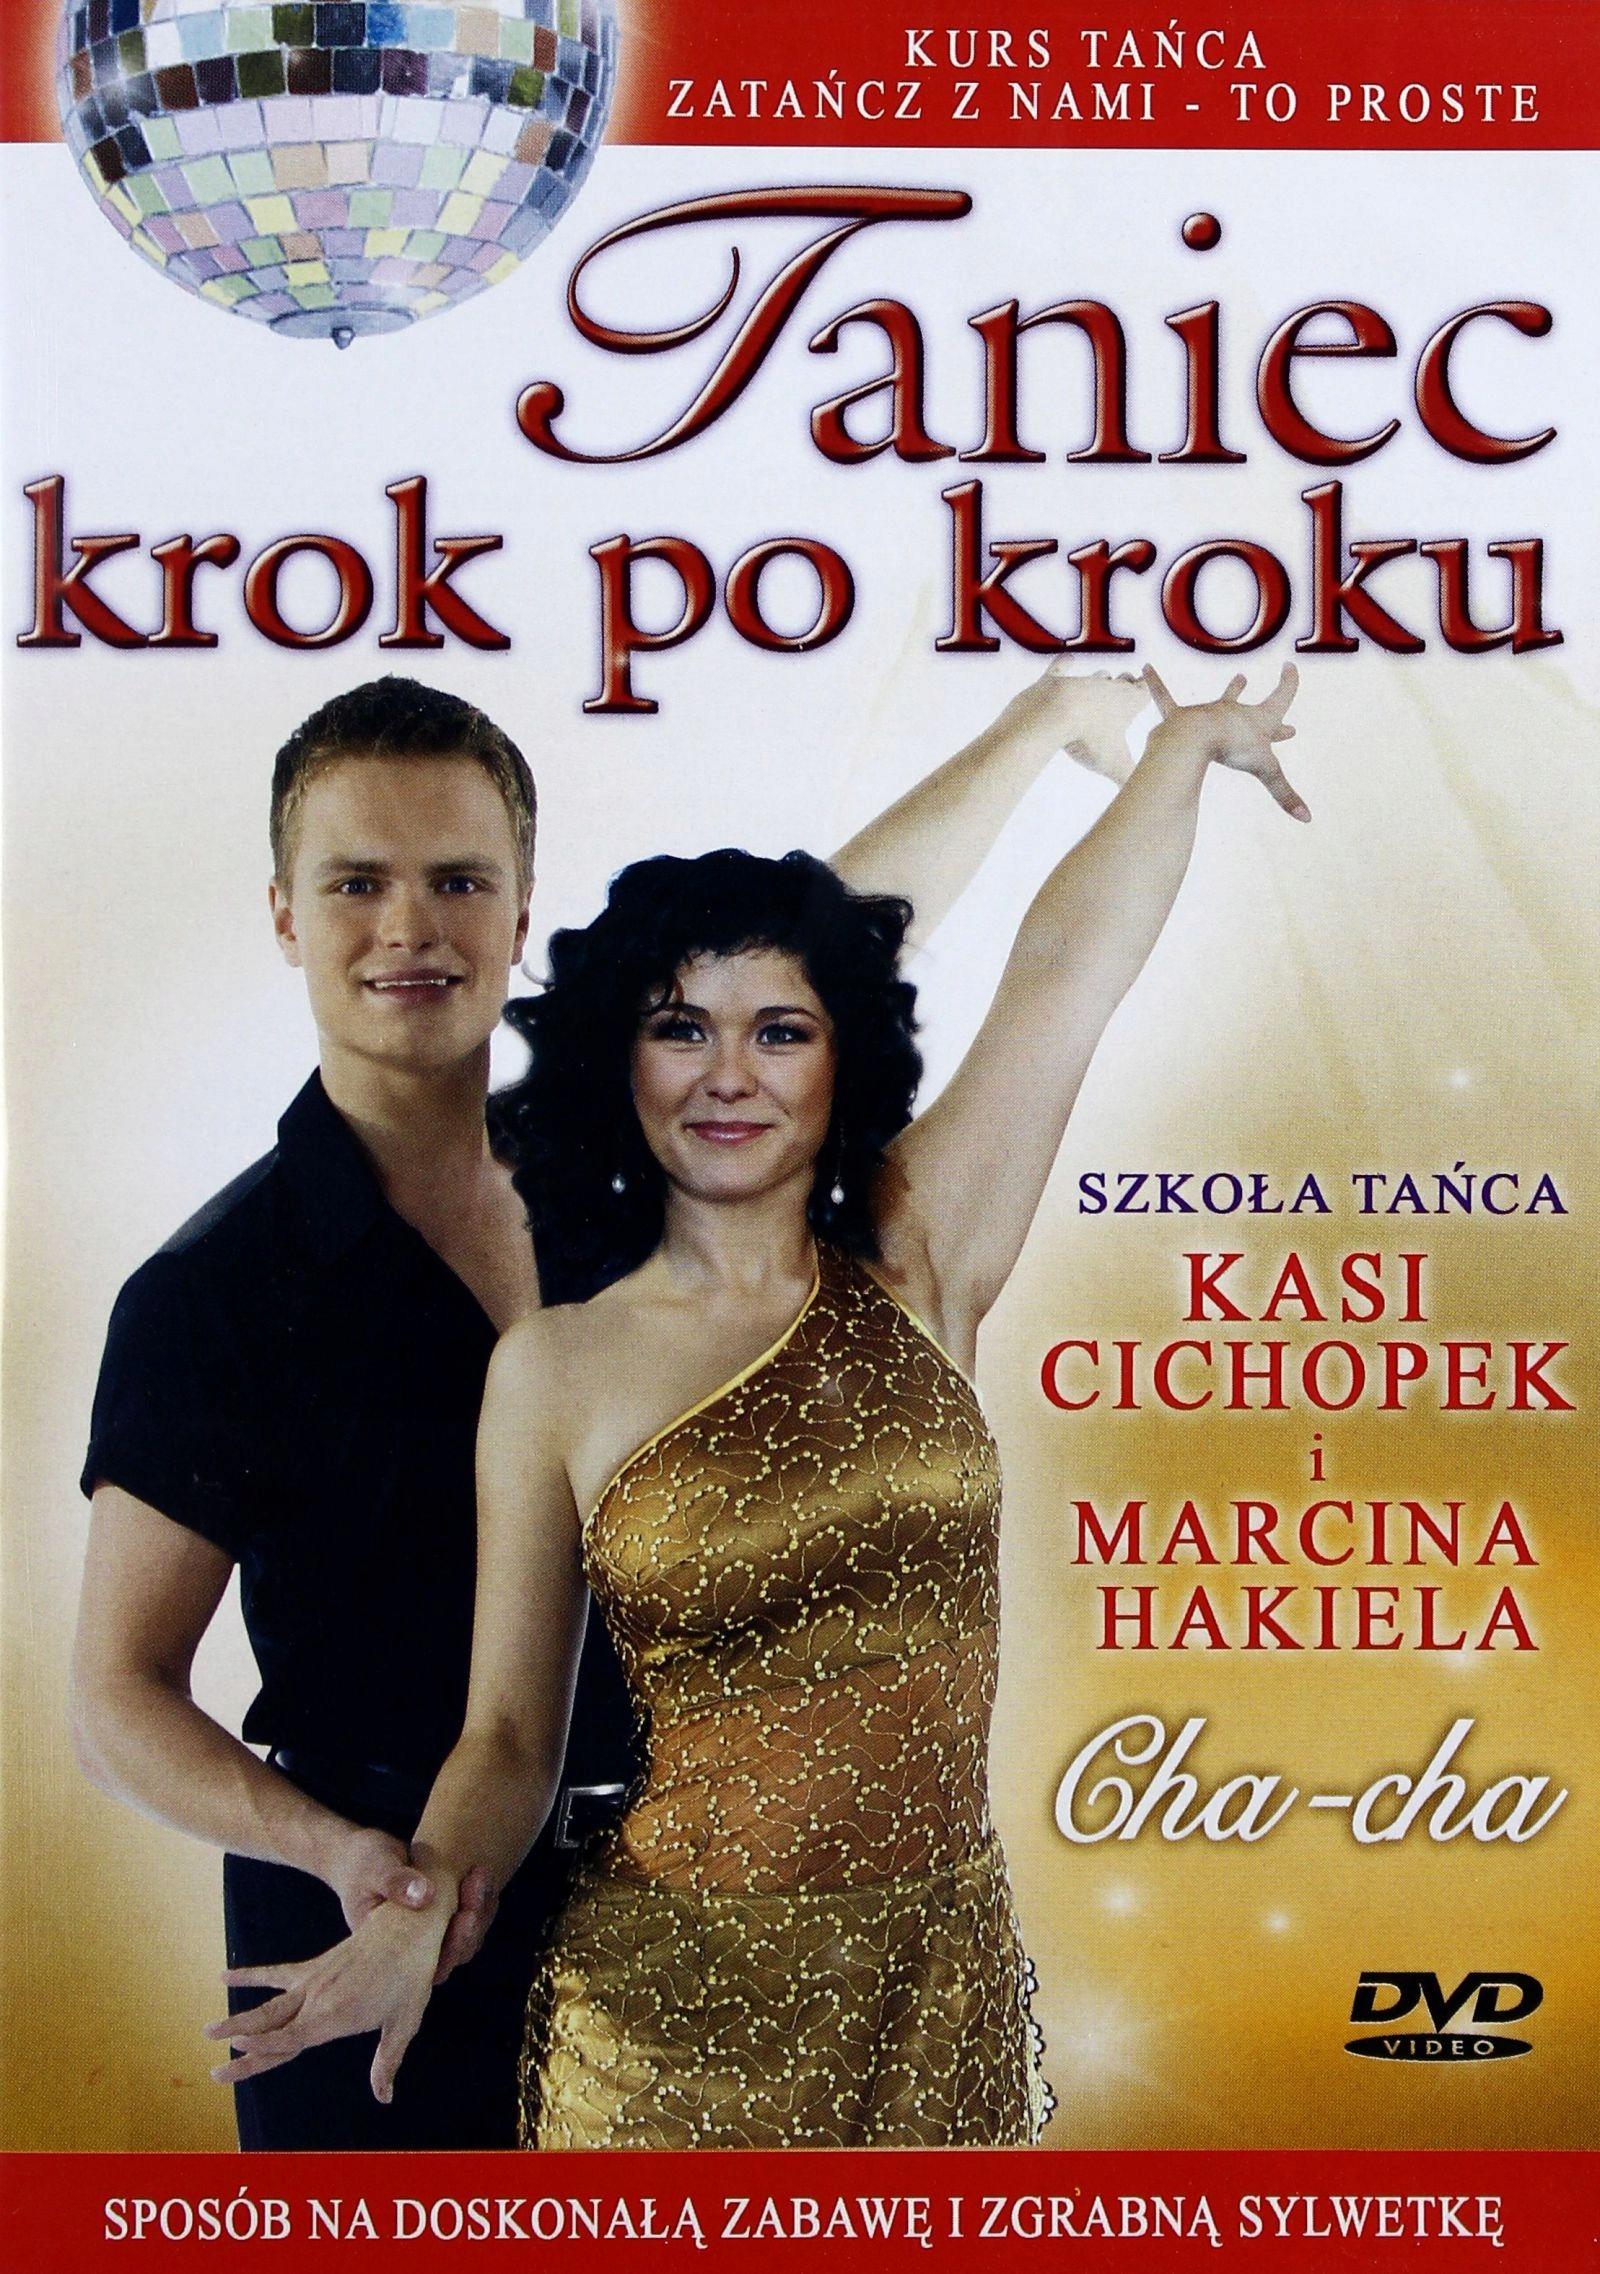 [DVD] TANIEC KROK PO KROKU: CHA - CHA (folia)